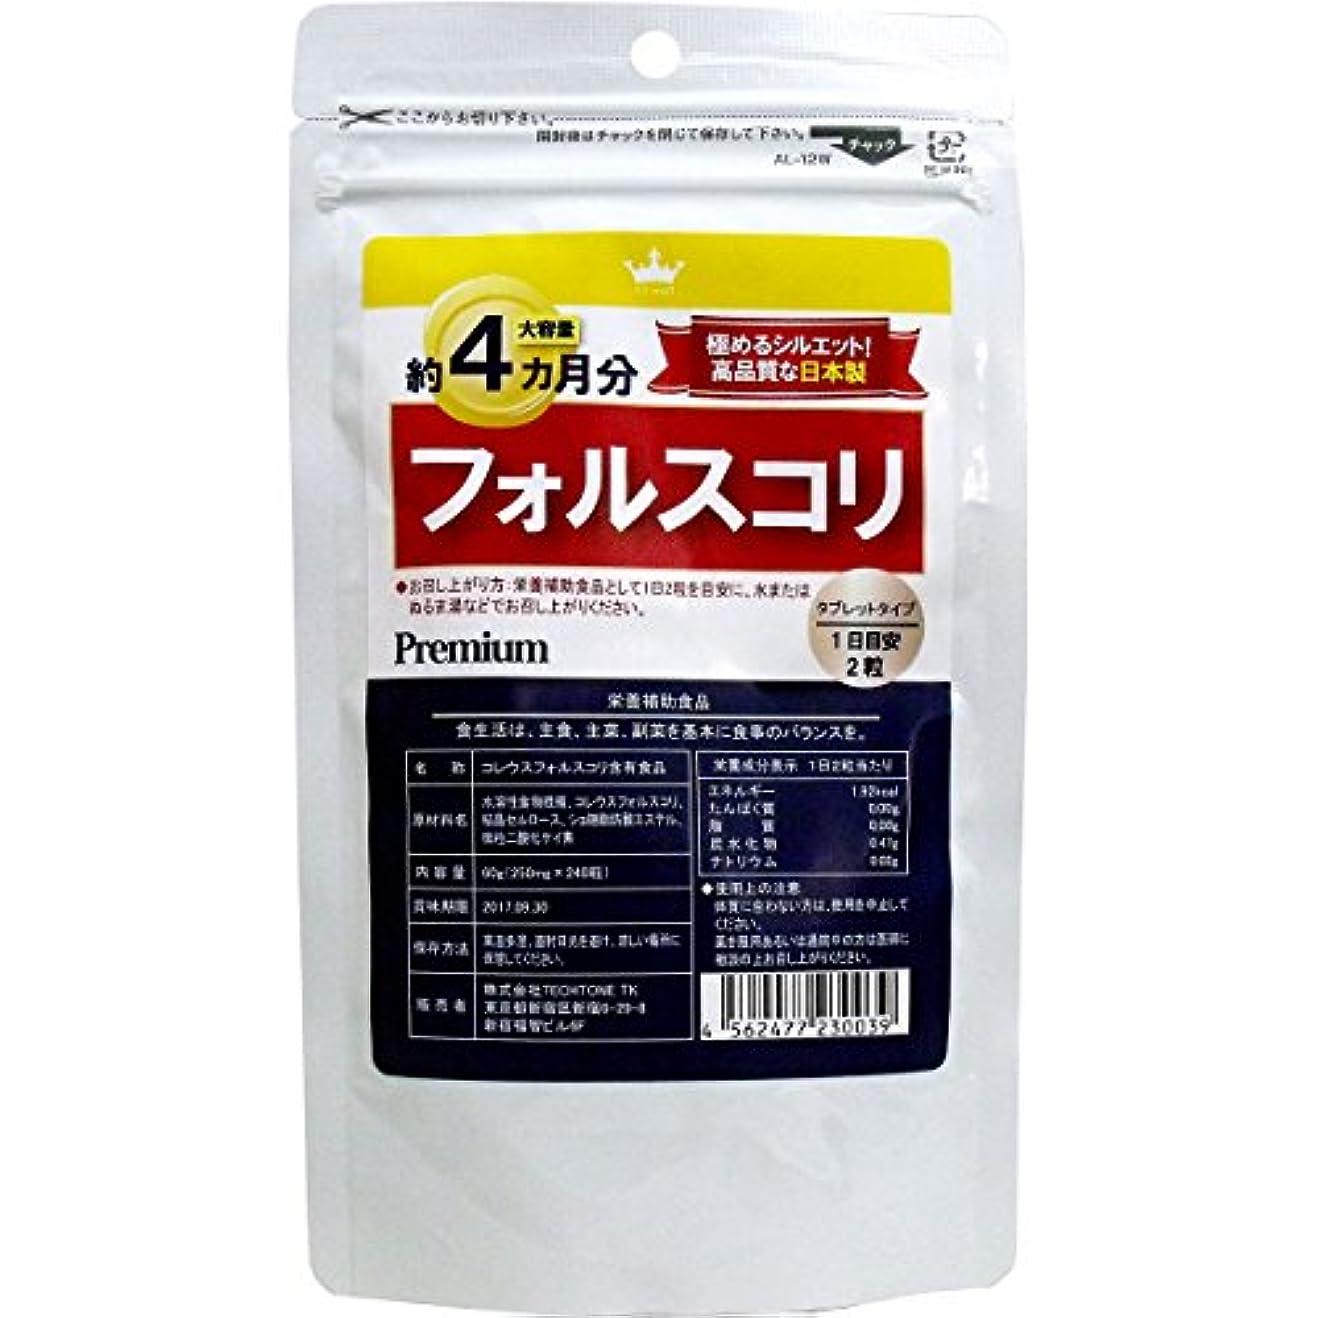 会話意識的群集サプリメント 高品質な日本製 健康食品 フォルスコリ 約4カ月分 240粒入【3個セット】